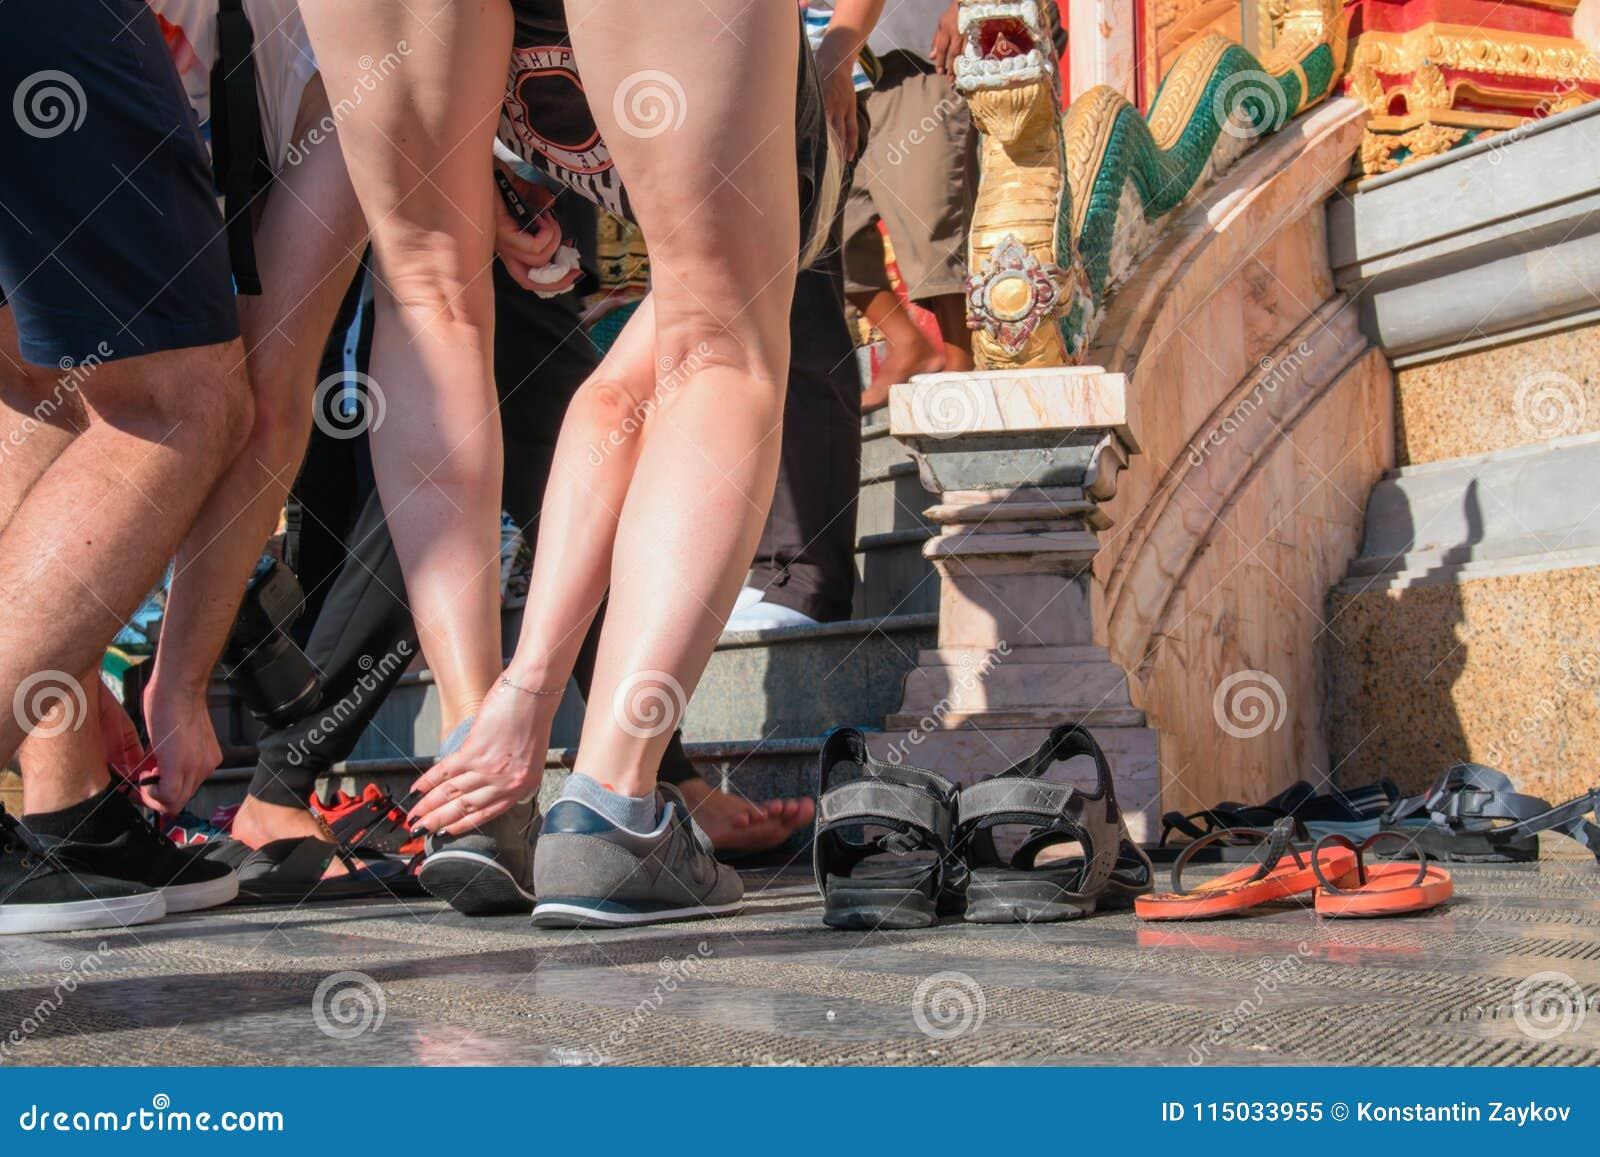 Os povos decolam suas sapatas antes de entrar no templo budista Conceito de observar tradições Conformidade com as regras